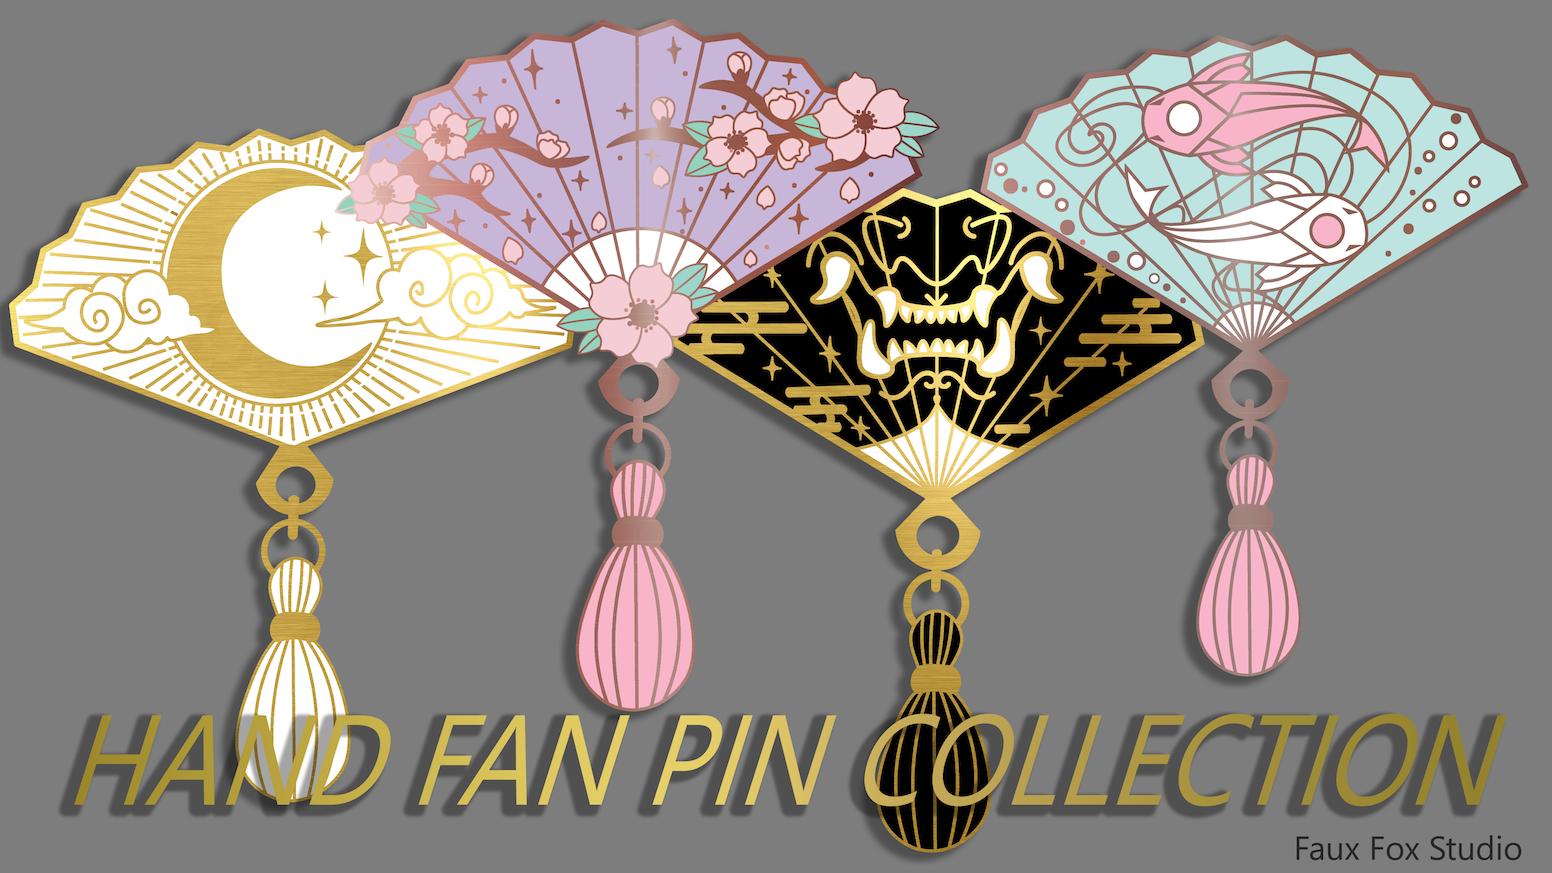 Enamel pins designed by Faux Fox Studio.